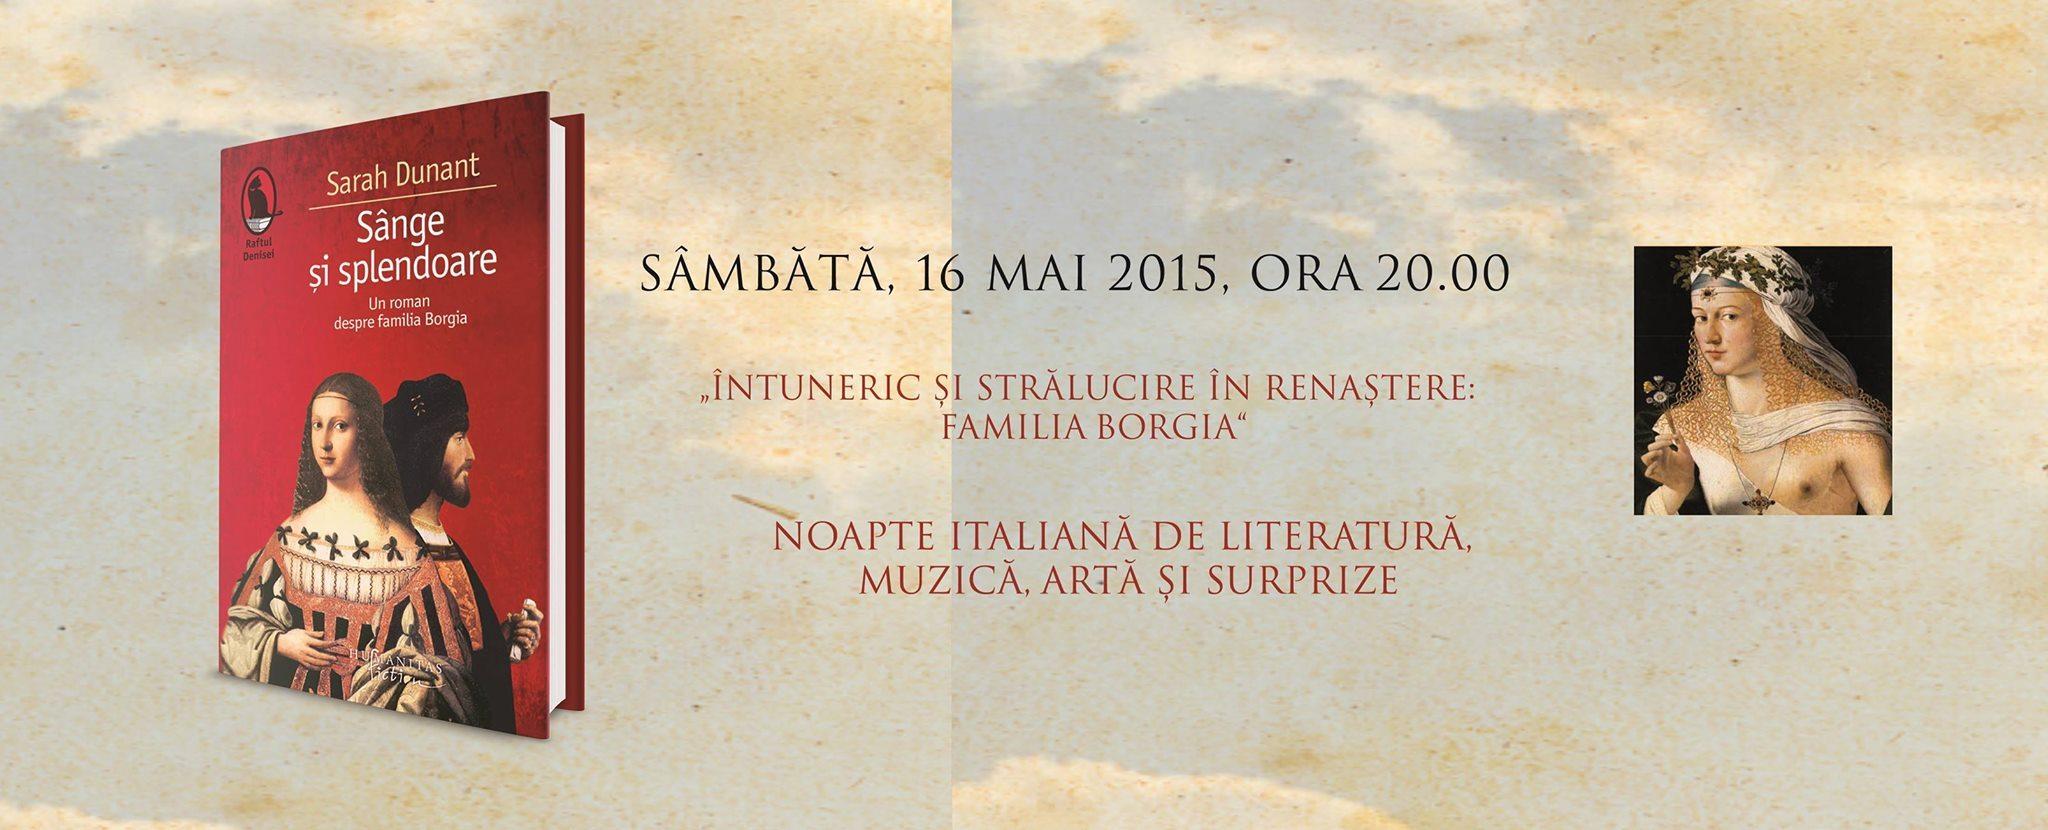 Noapte italiană de literatură, muzică şi artă